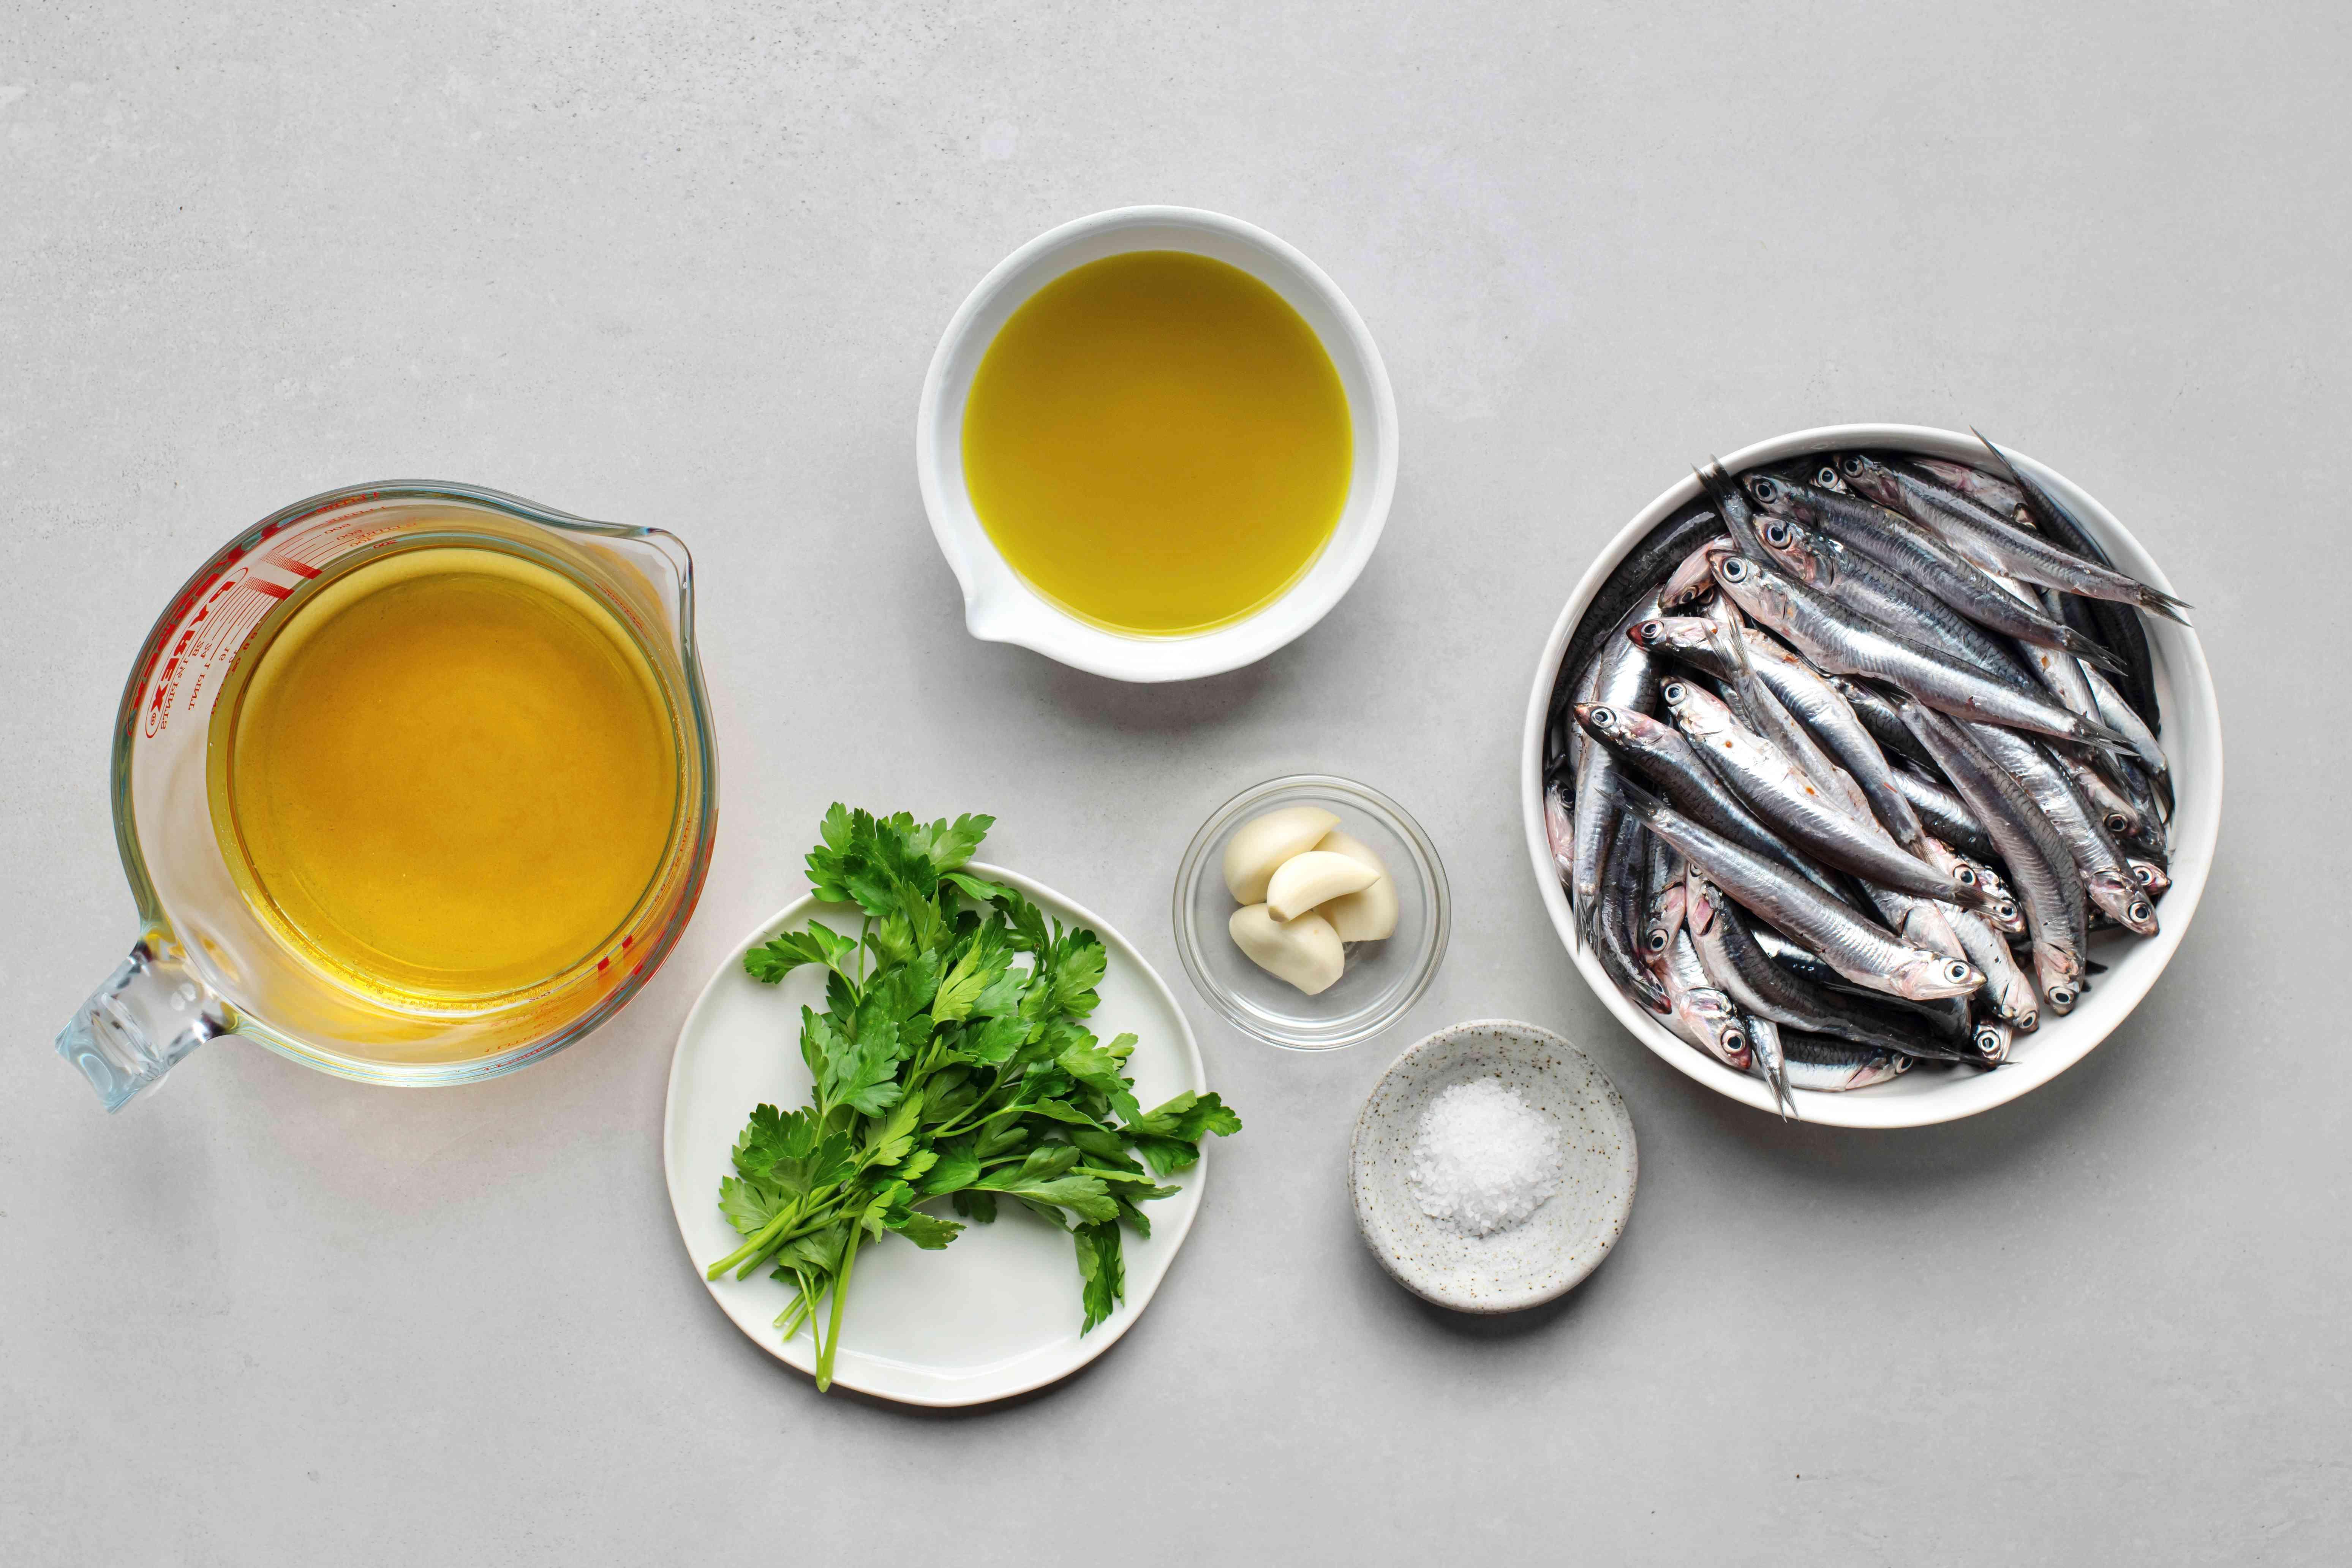 Anchovies Marinated in Vinegar (Boquerones en Vinagre) ingredients